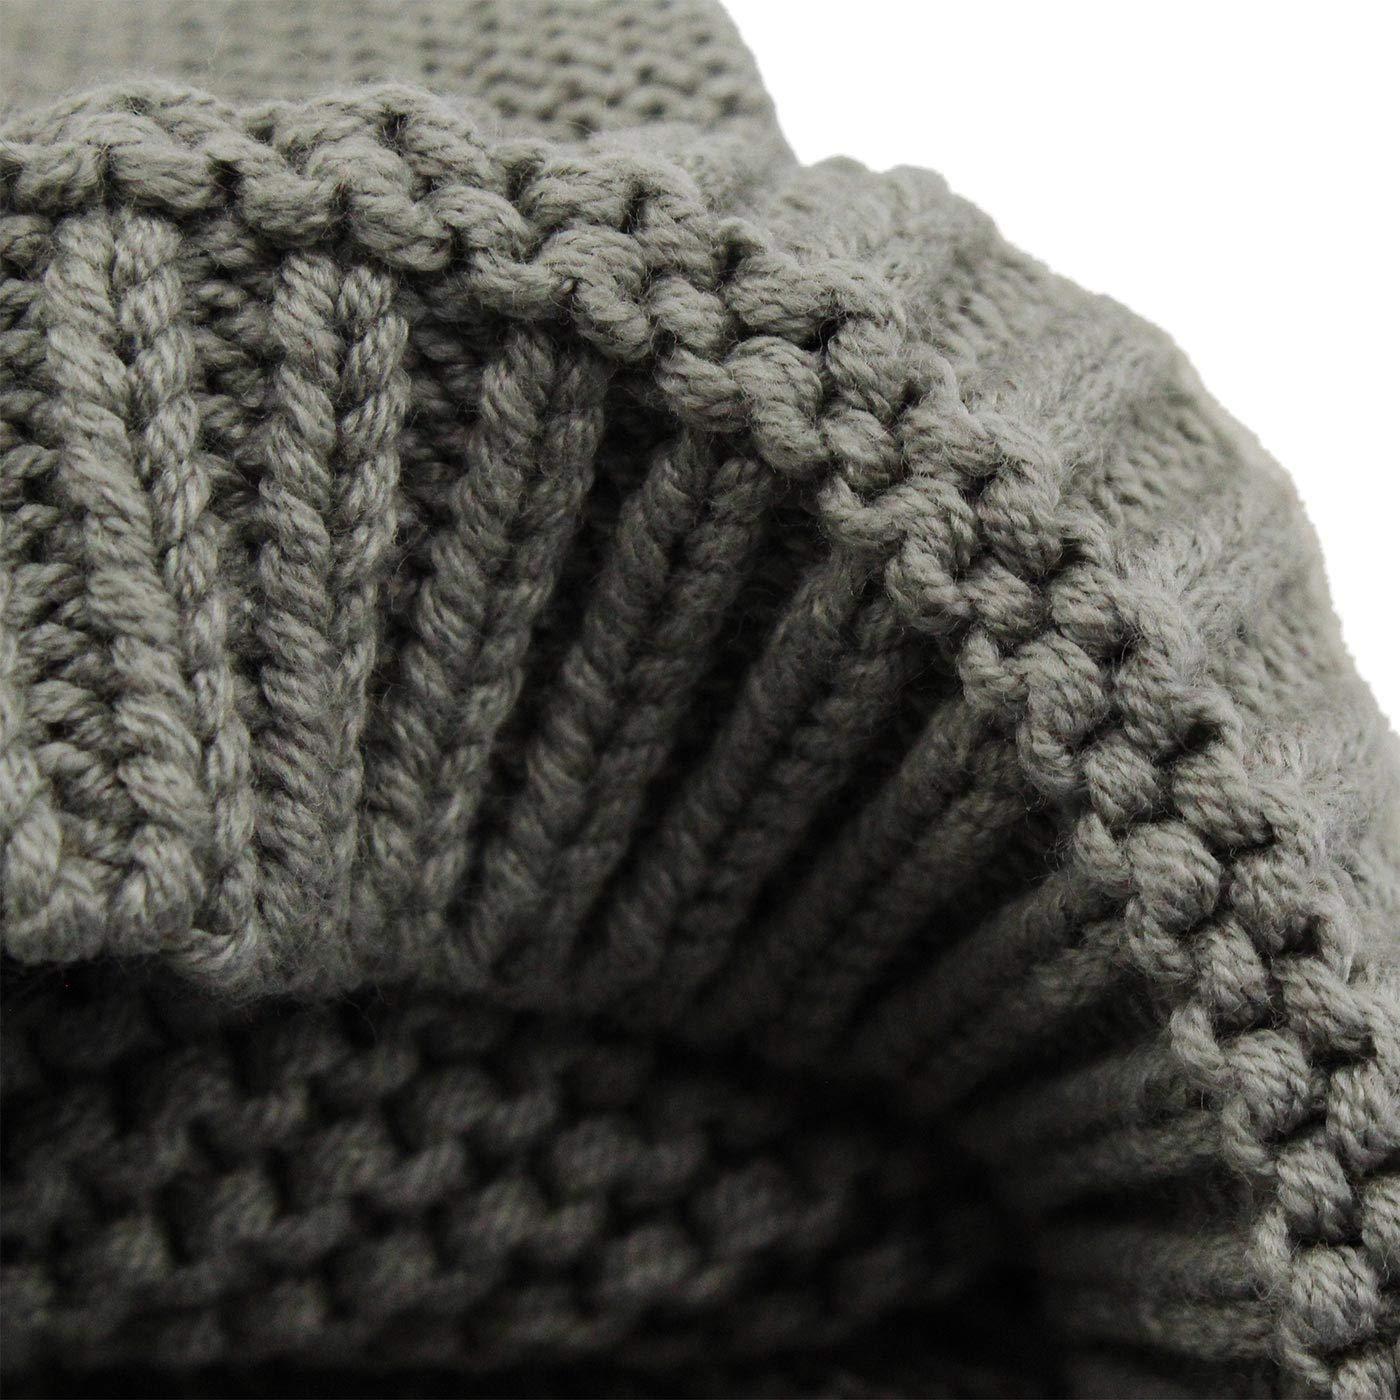 ec10d379011d Langzhen Bébé Bonnet Hiver Chaud en Coton Tricoté Beanie Chapeau Earflap Protection  Oreille Bonnet de Ski